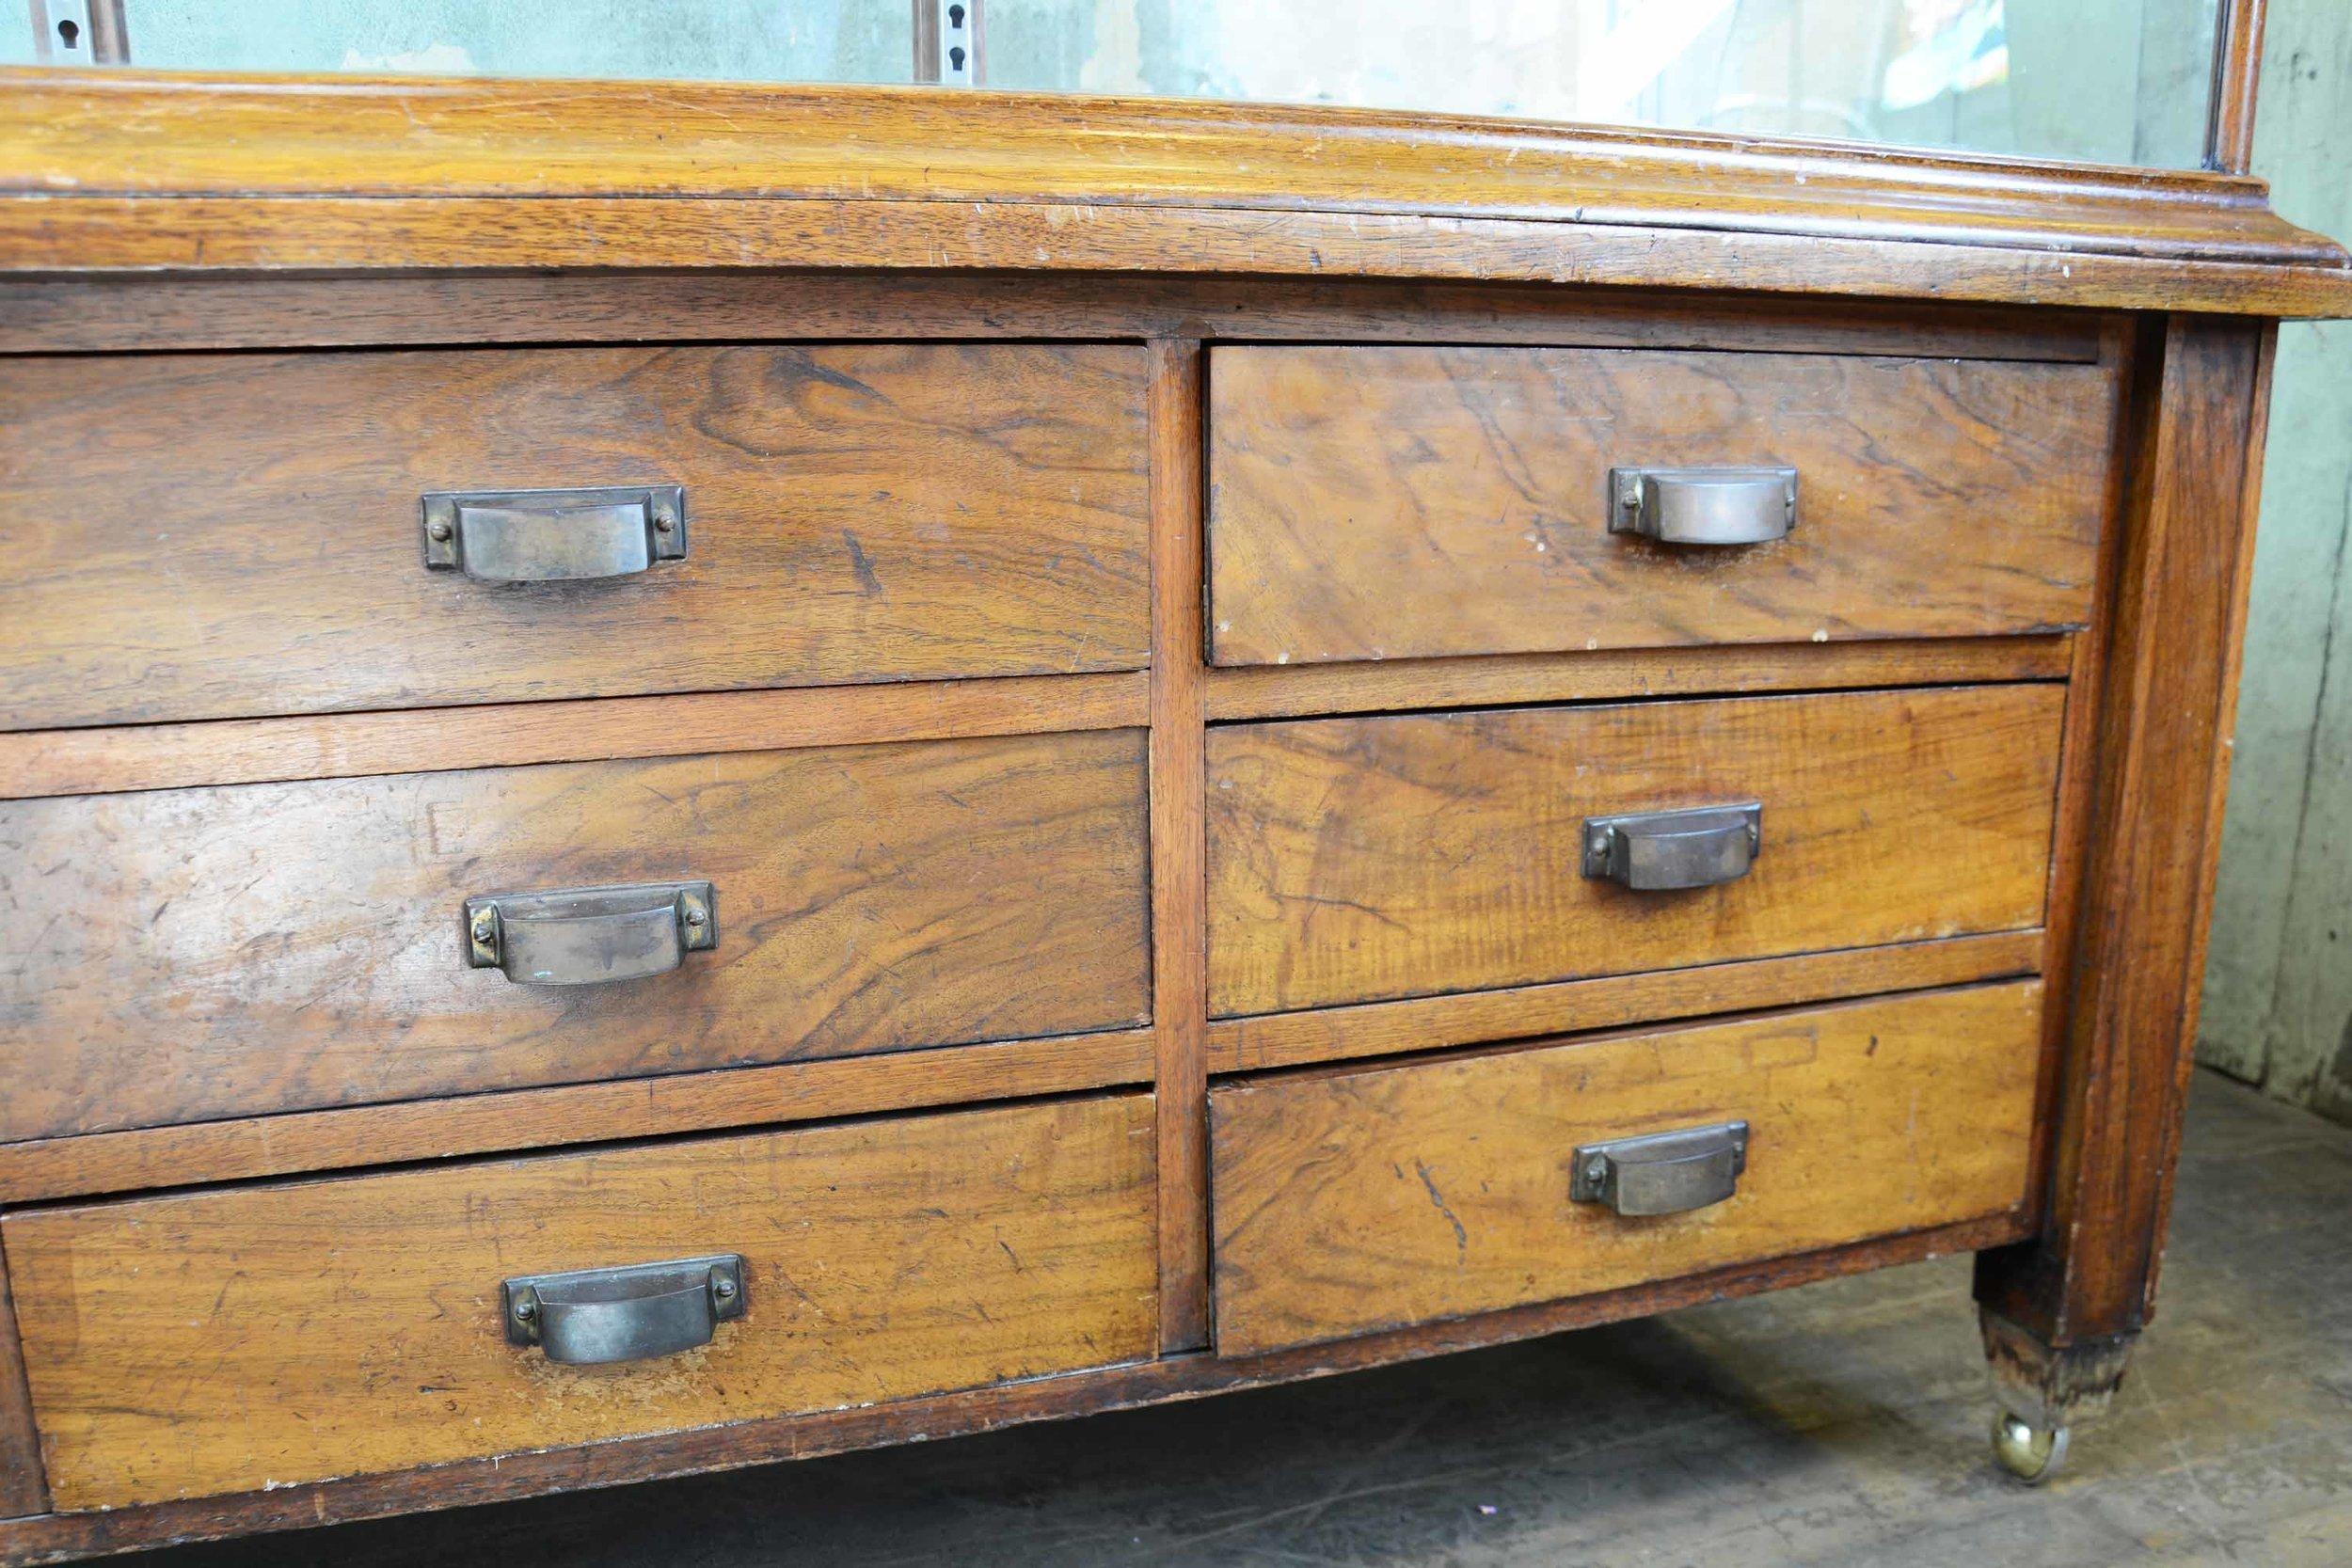 46917-display-case-with-drawers-DRAWER-HARDWARE.jpg